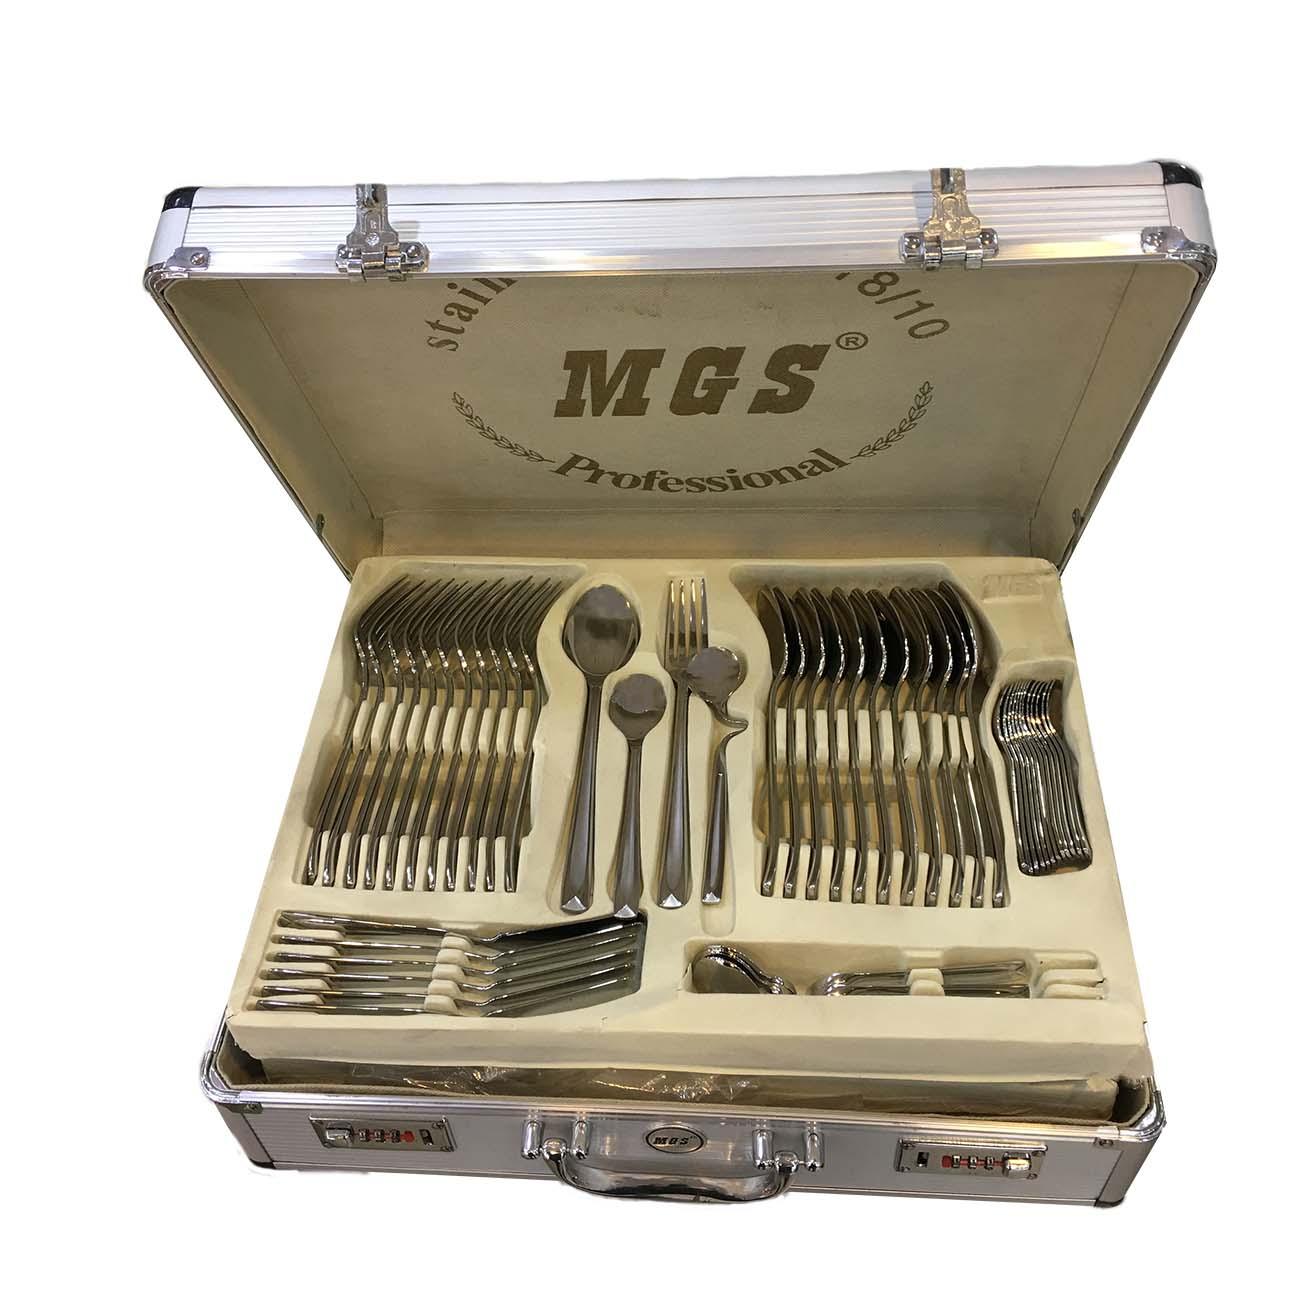 سرویس قاشق و چنگال 125 پارچه ام جی اس مدل weser18